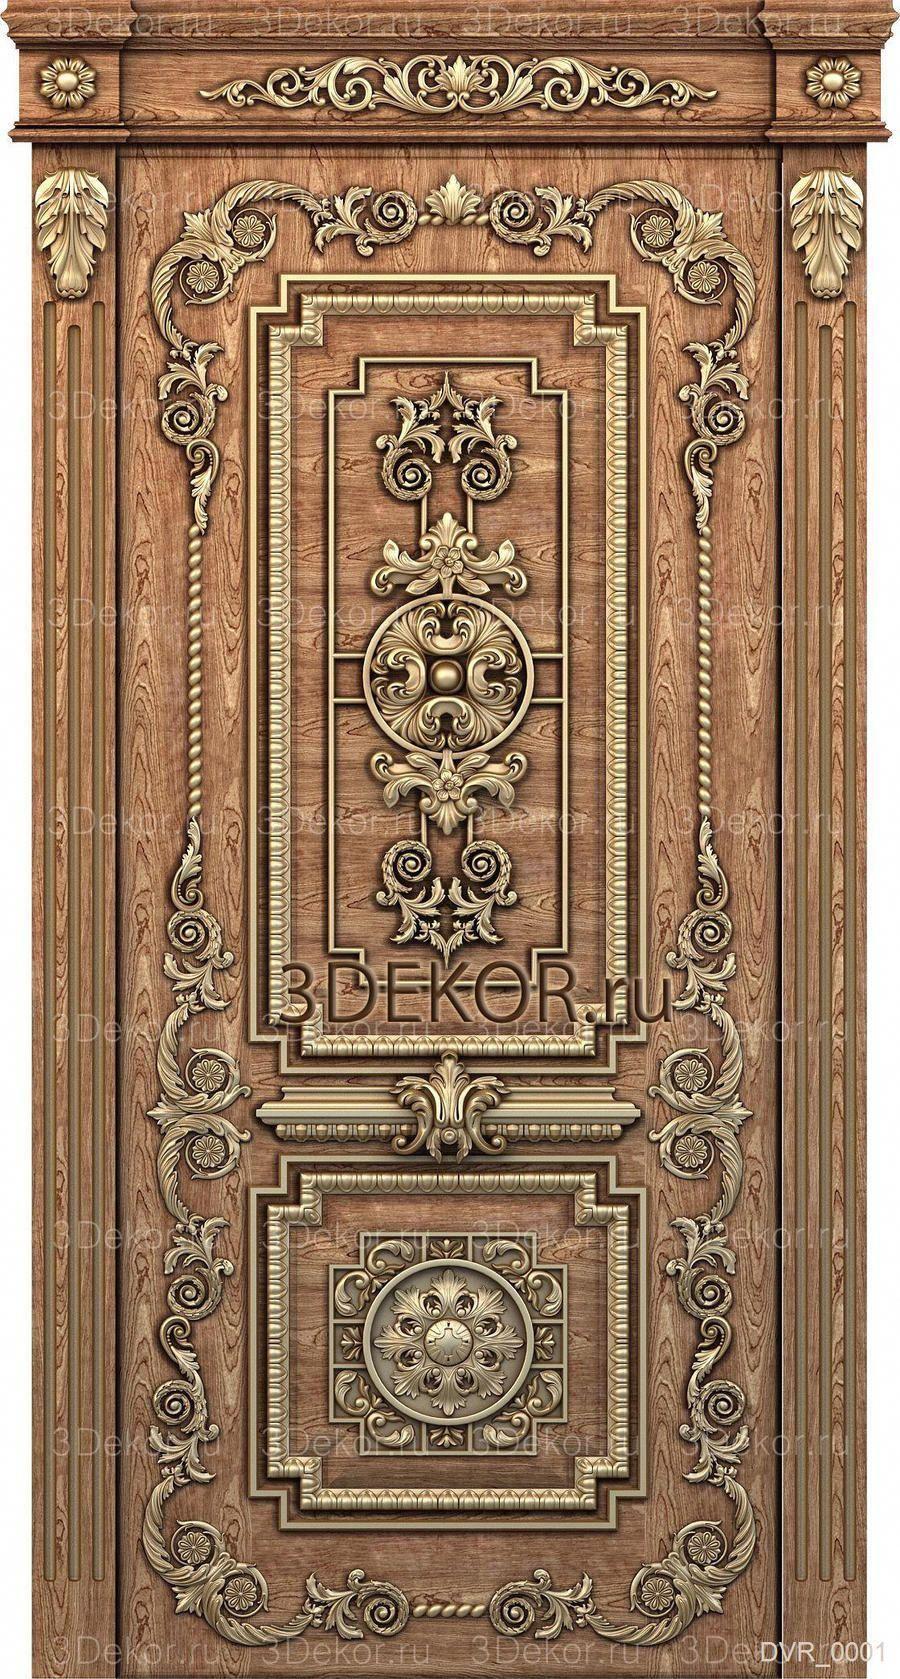 Frosted Glass Internal Doors Solid Wood Bedroom Doors Solid Interior Doors For Sale 2019032 With Images Wood Doors Interior Frosted Glass Internal Doors Doors Interior